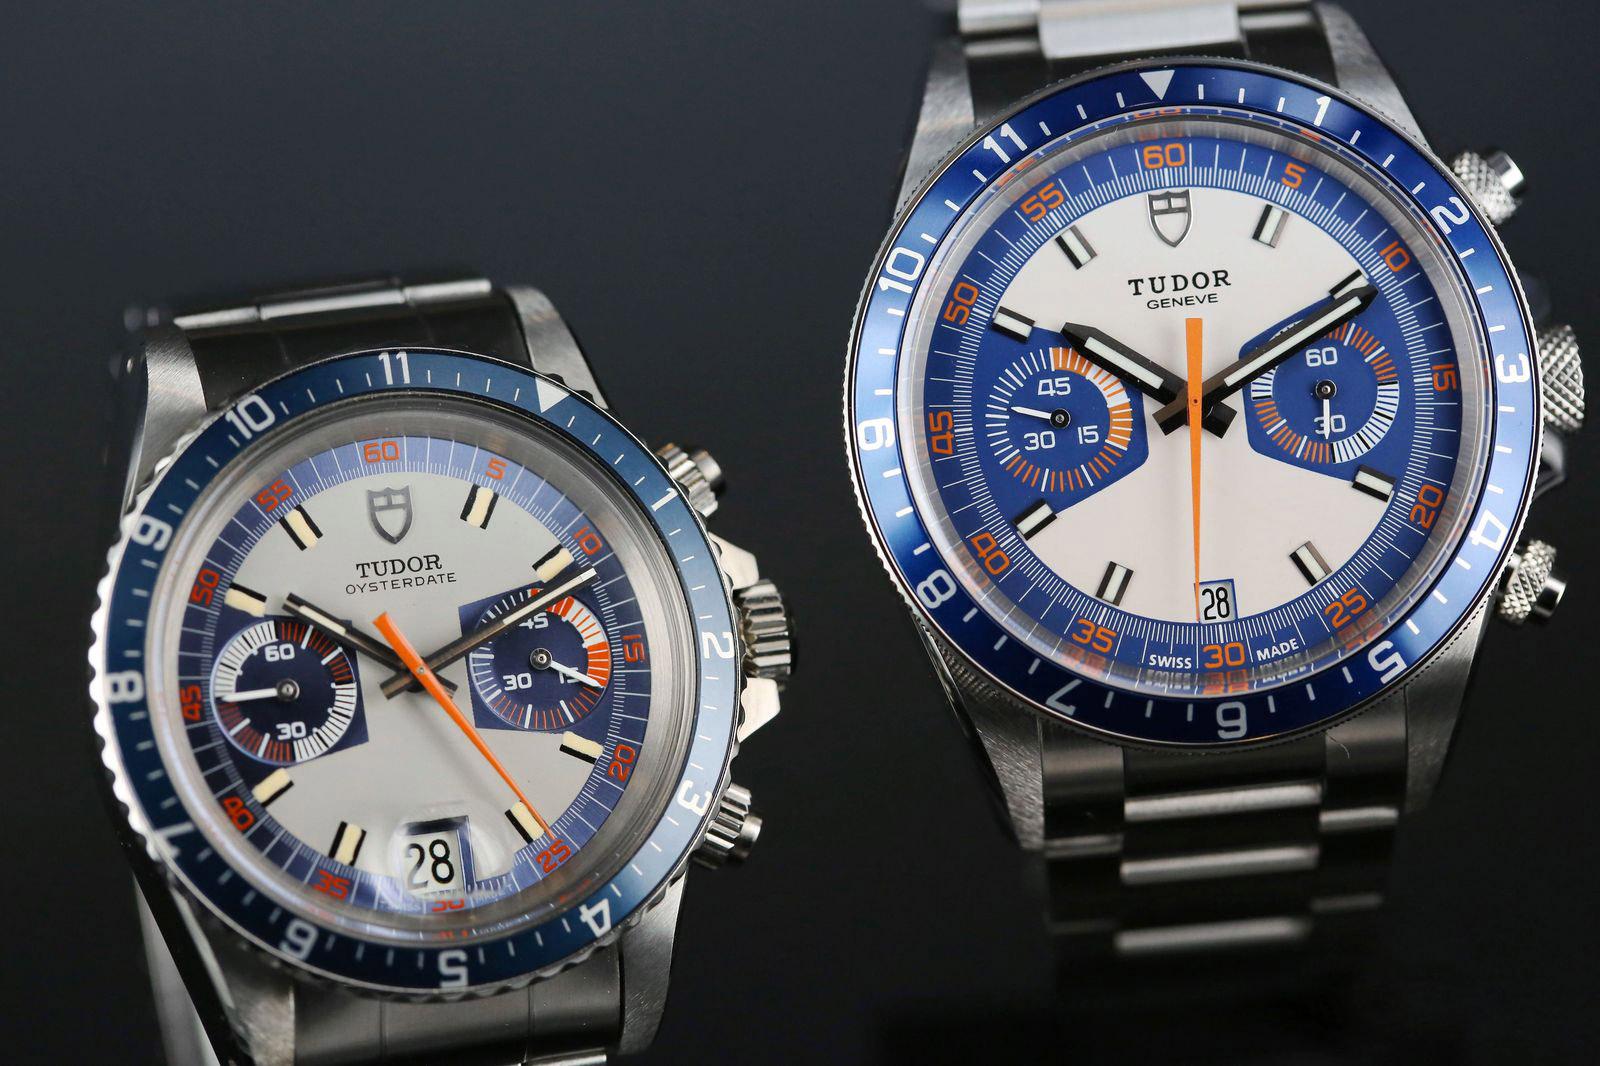 tudor-7169-montecarlo-vs-tudor-heritage-chrono-blue-70330b